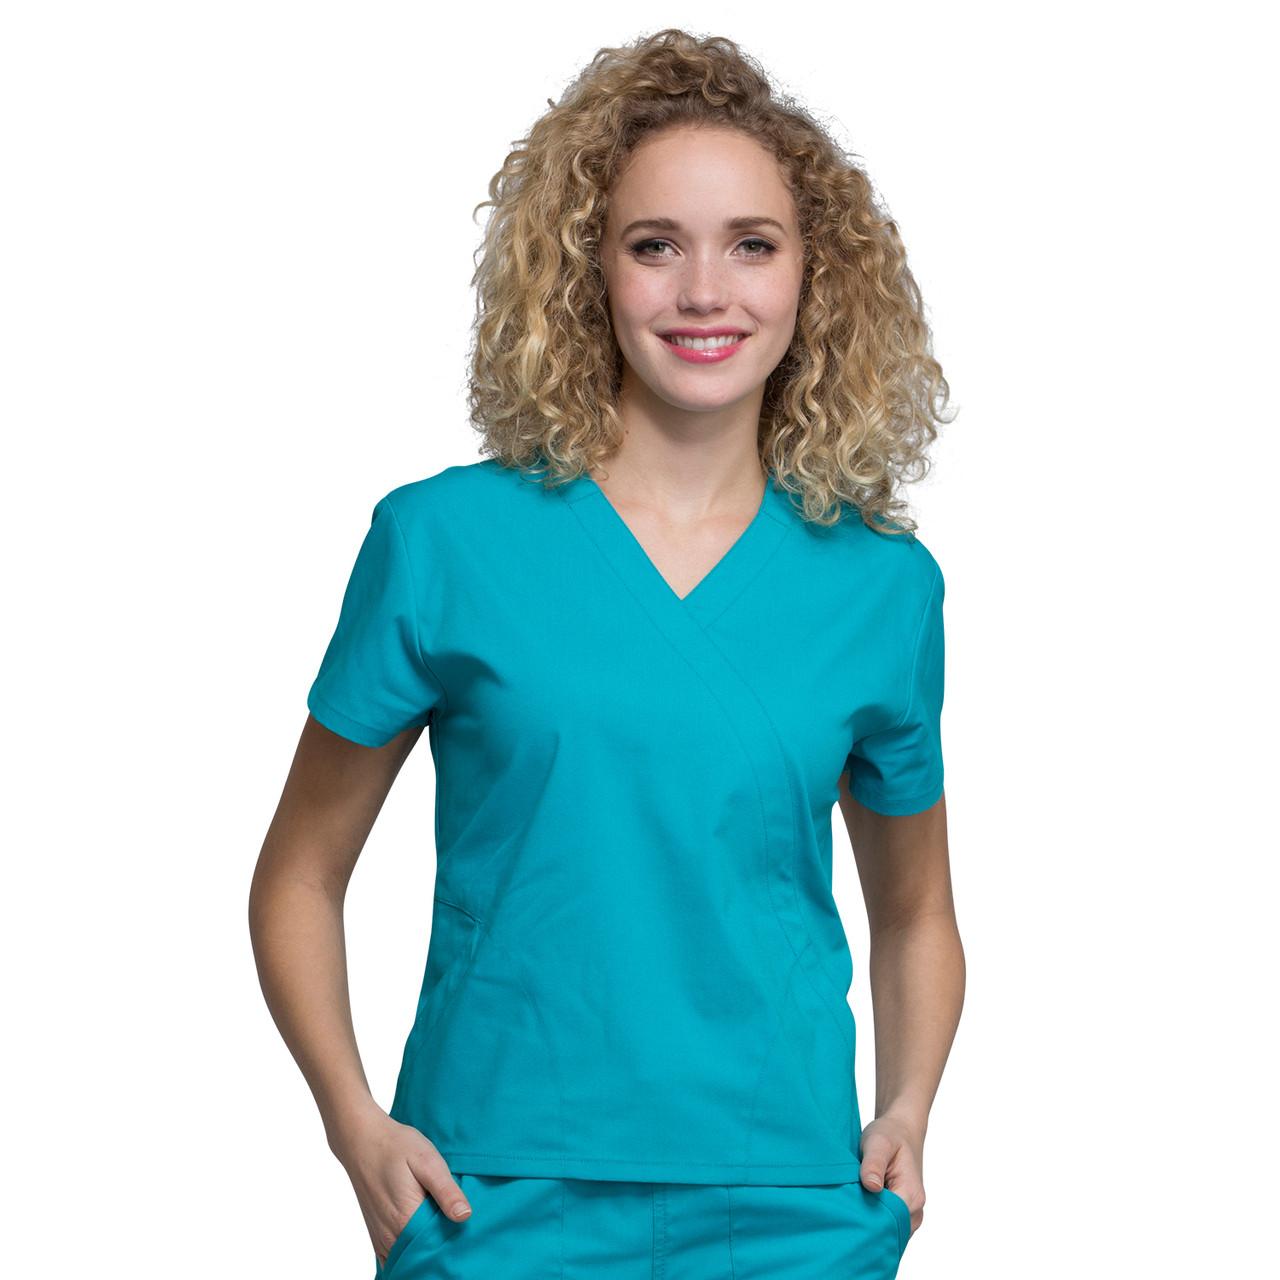 695c2f63330 Cherokee PROFESSIONALS Women's 2 Pocket Mock Wrap Scrubs Top ...